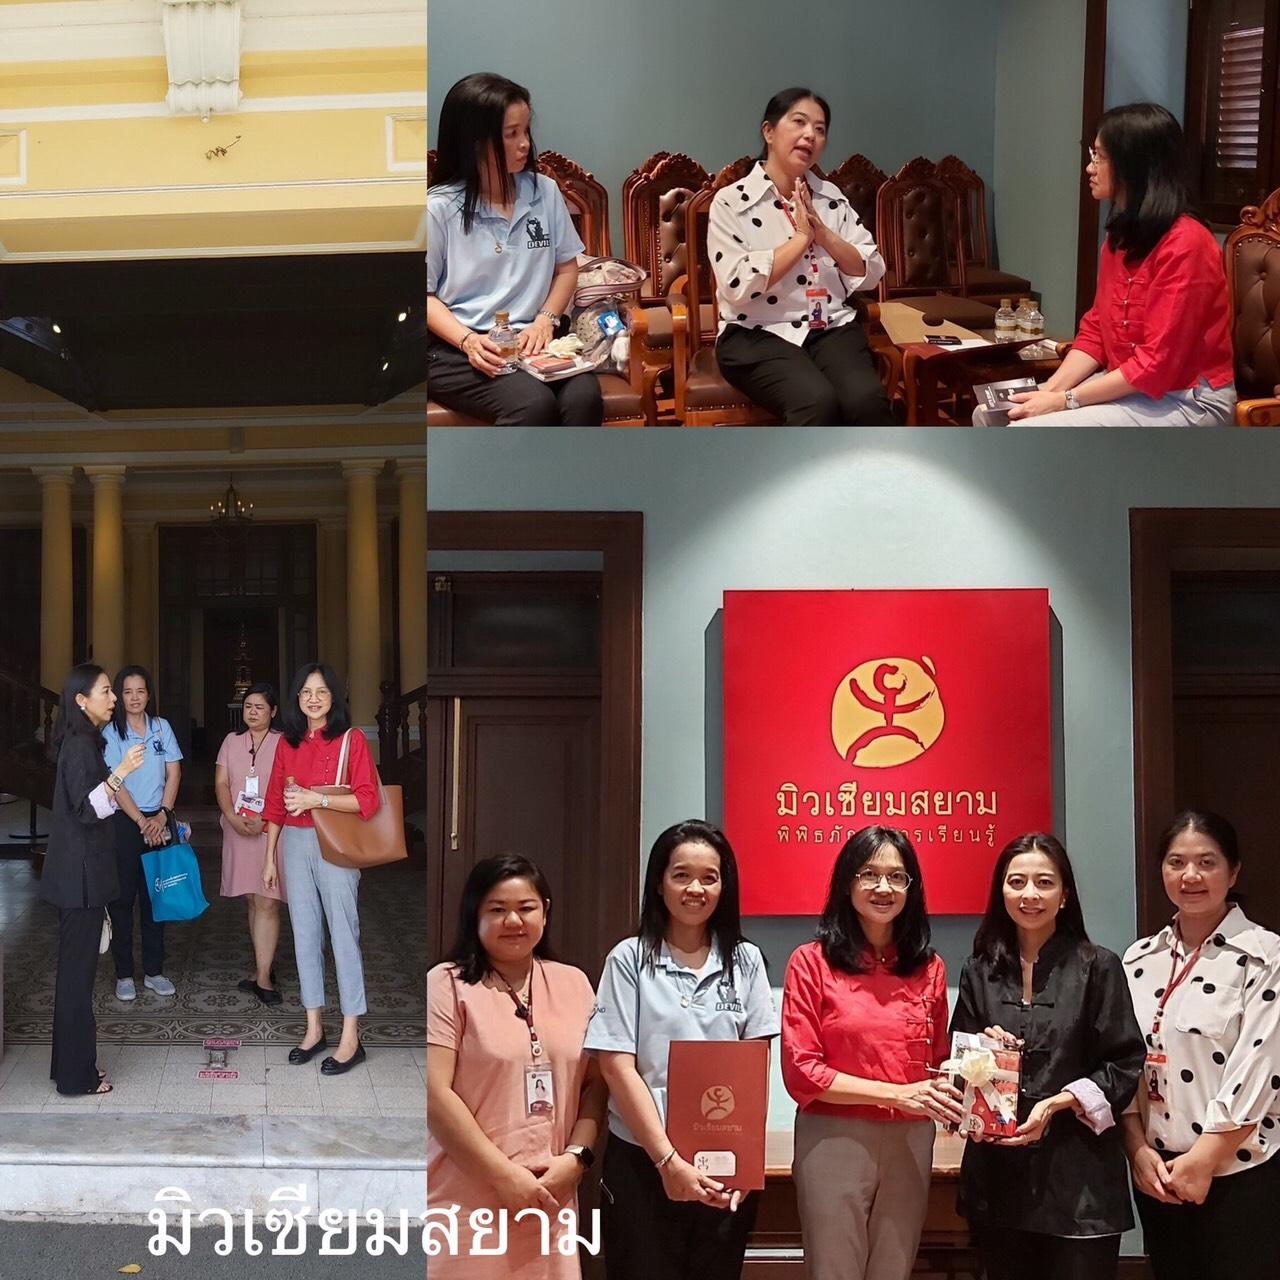 การท่องเที่ยวแห่งประเทศไทยสำนักงานกรุงเทพมหานคร เดินทางทดสอบสินค้าทางการท่องเที่ยวพบปะ ผู้ประกอบการด้านการท่องเที่ยว และสอบถามสถานการณ์ท่องเที่ยวในช่วงปัจจุบัน